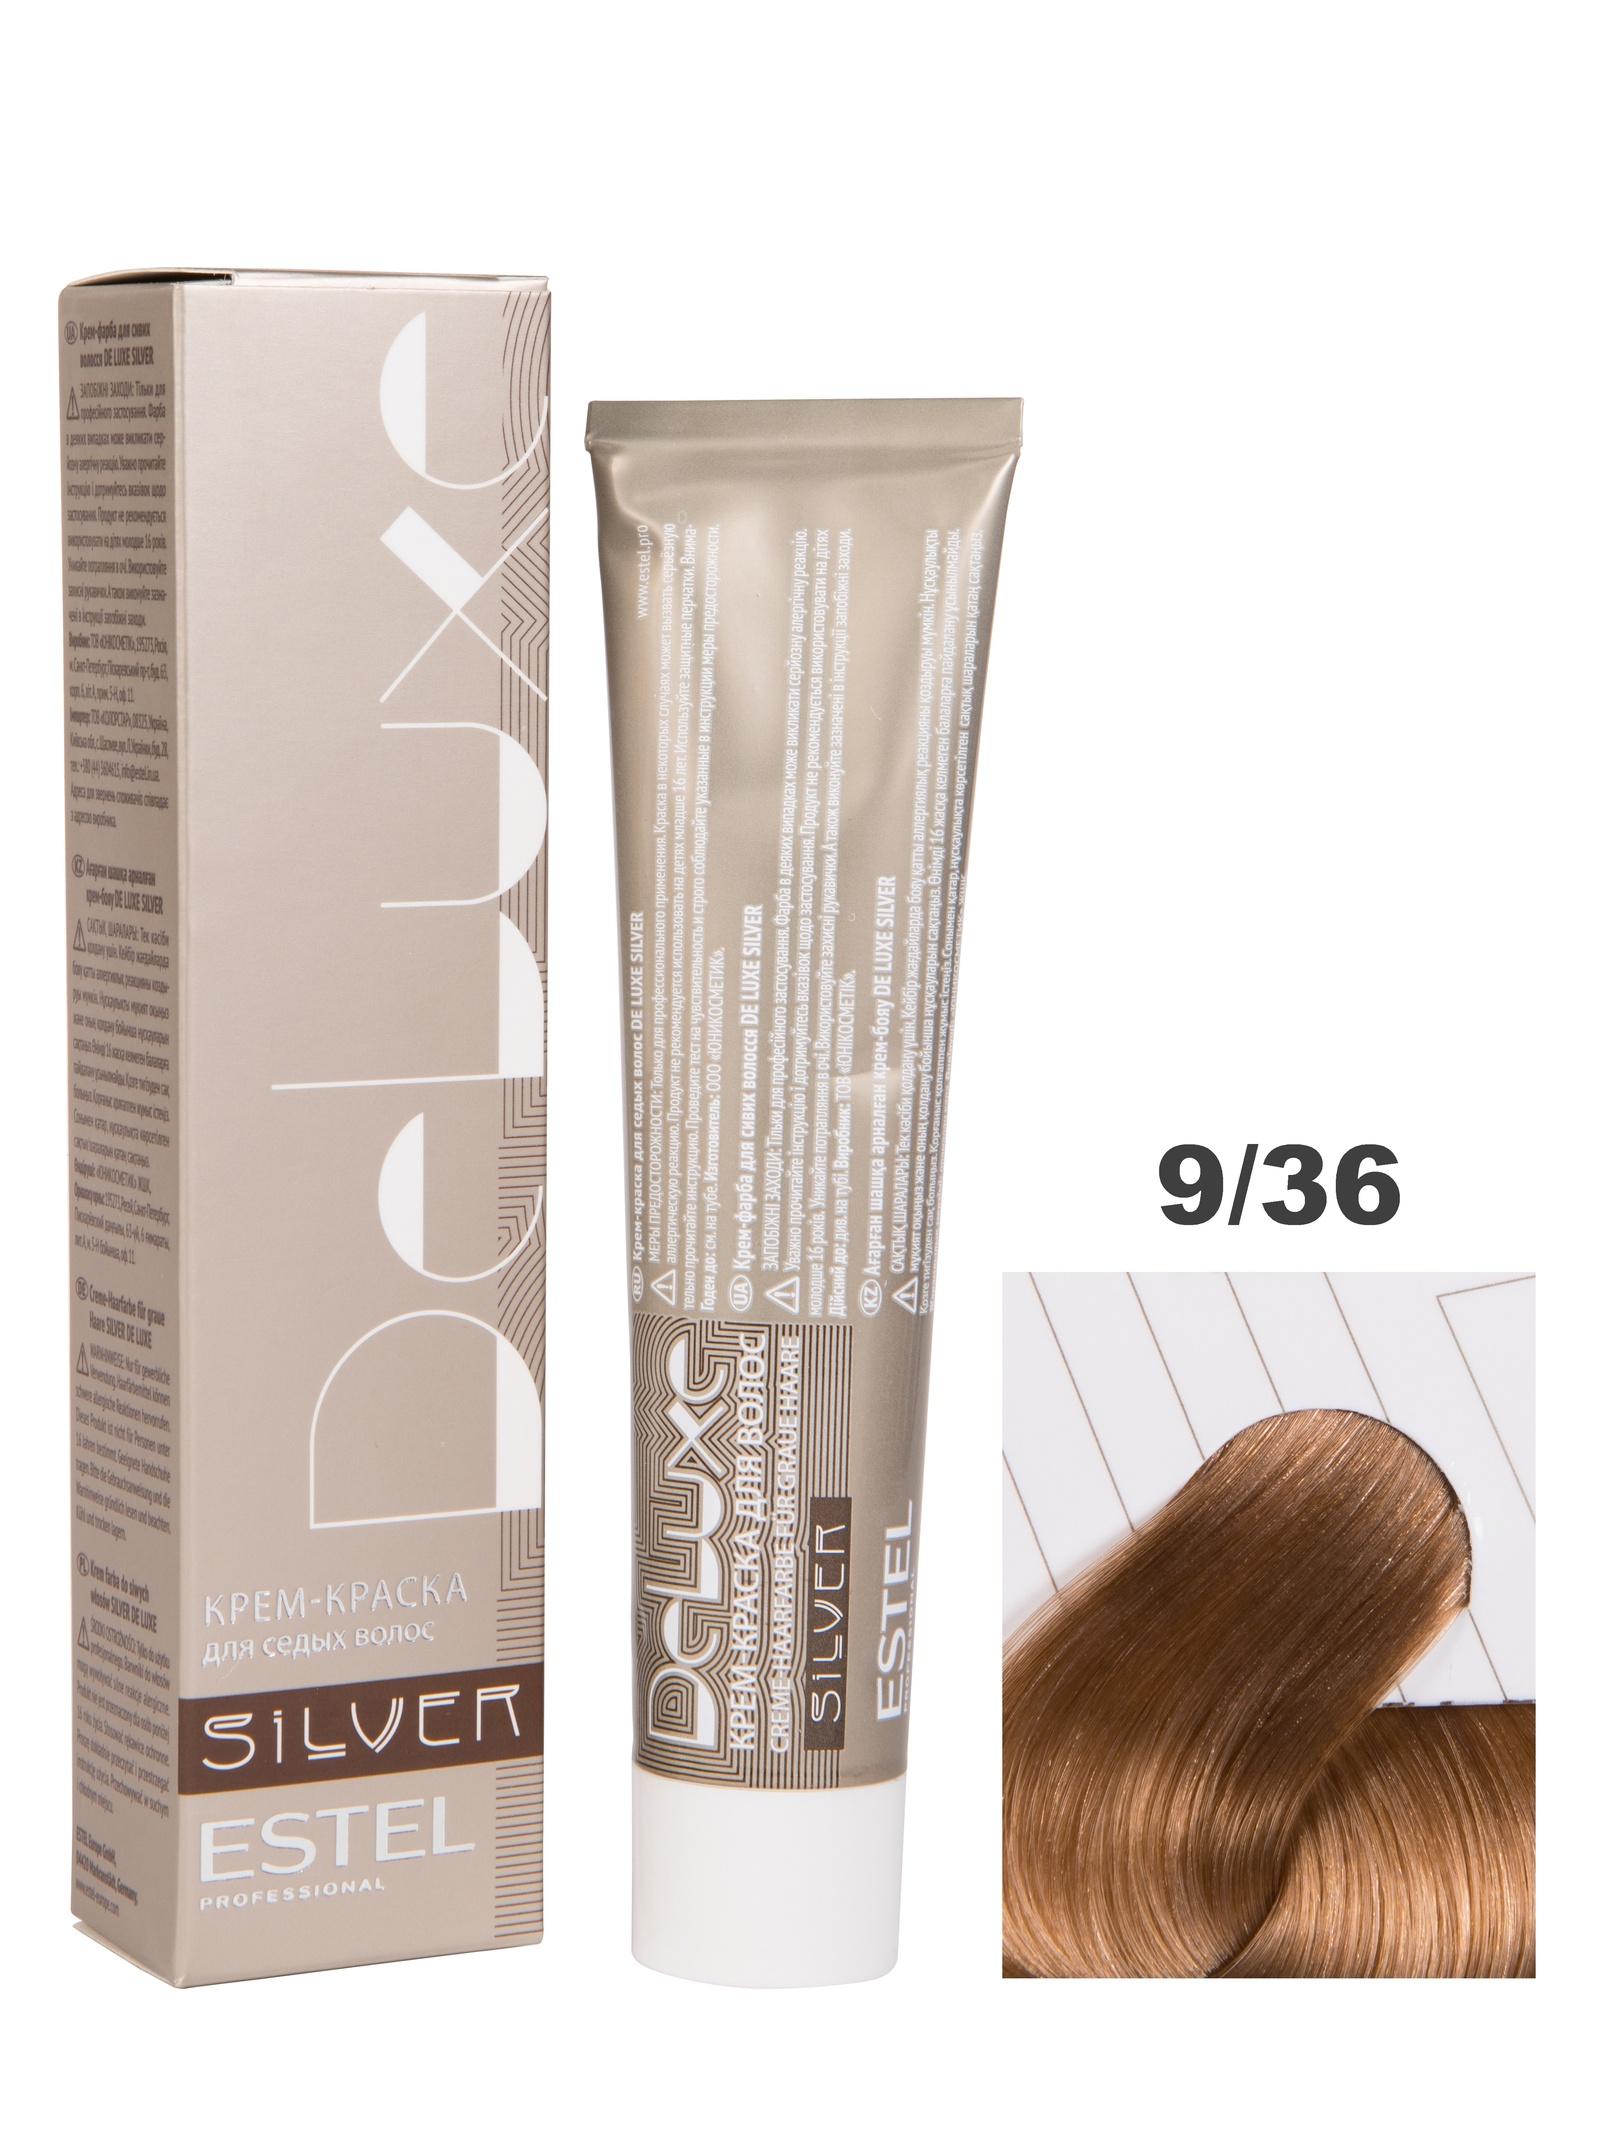 Краска-уход DE LUXE SILVER для окрашивания волос ESTEL PROFESSIONAL 9/36 блондин золотисто-фиолетовый 60 мл estel краска уход 9 61 de luxe блондин фиолетово пепельный 60 мл